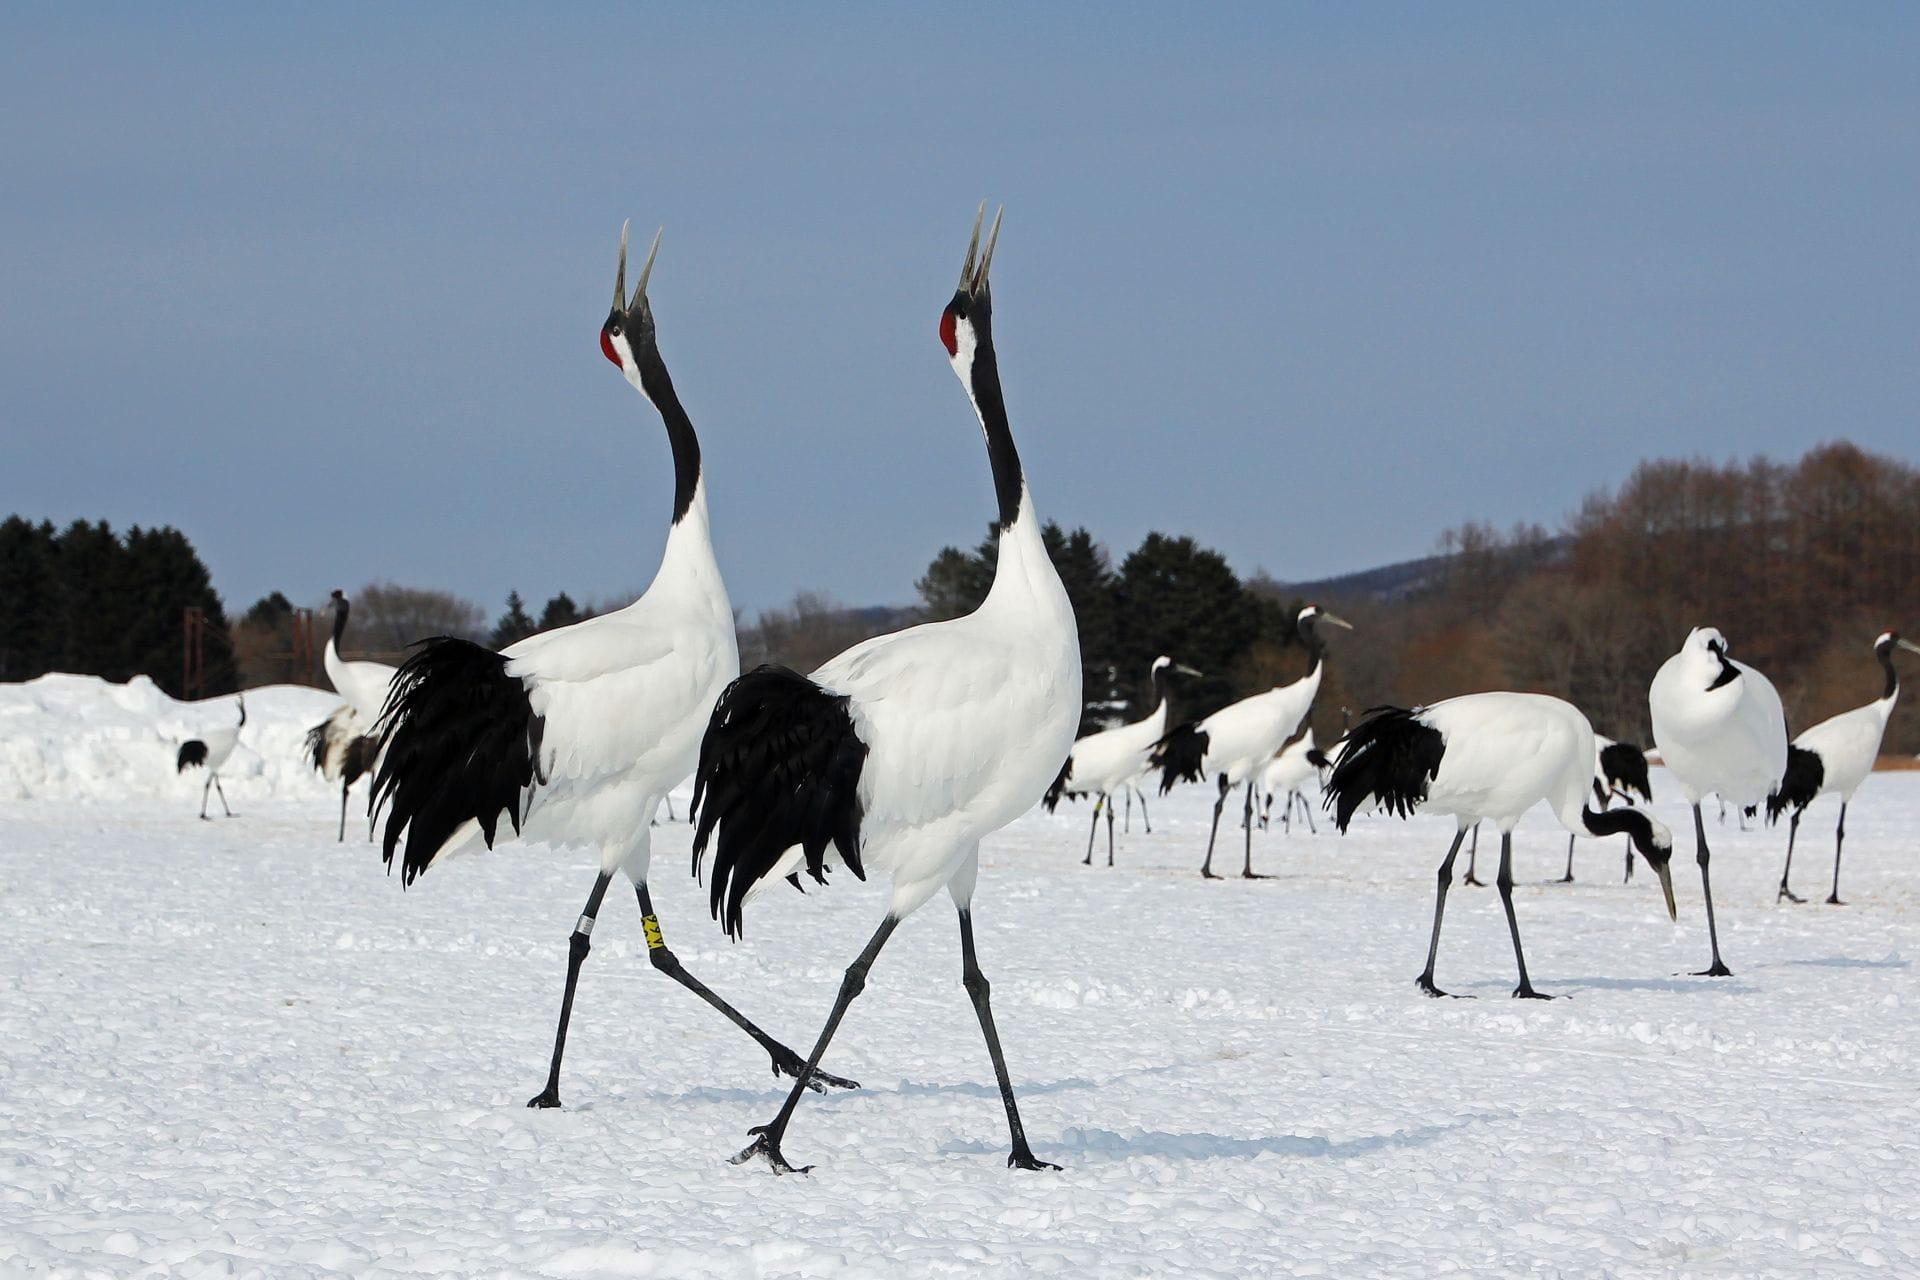 「釧路濕原國立公園 冬」的圖片搜尋結果